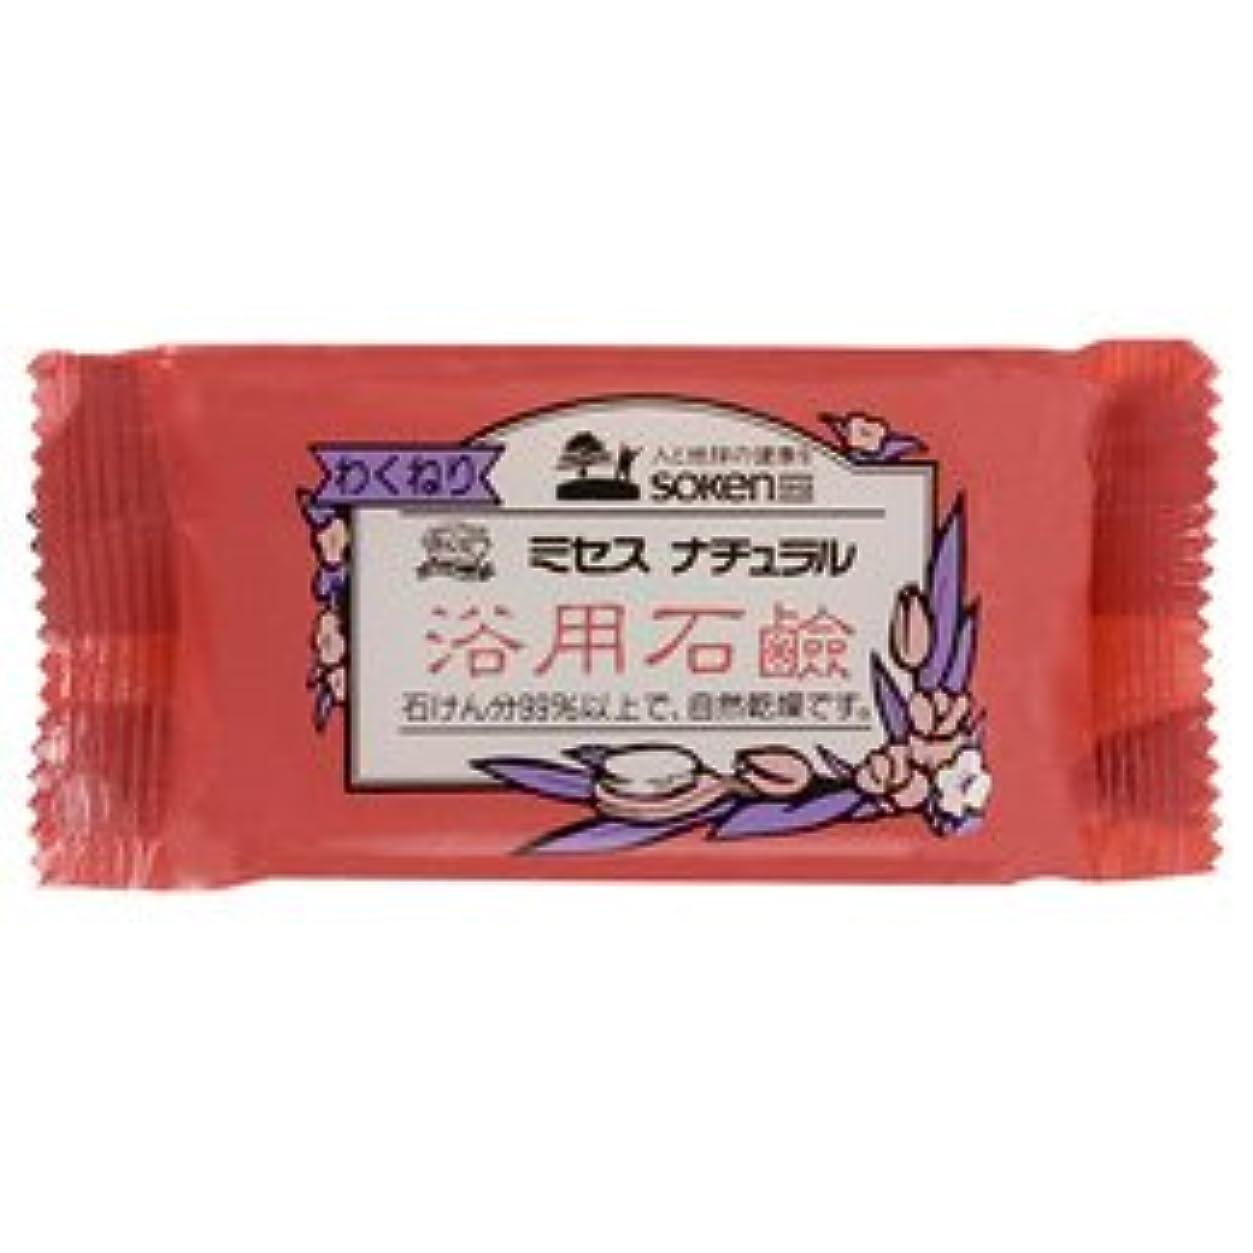 創健社 ミセスナチュラル 浴用石鹸 110g ケース(120個入)